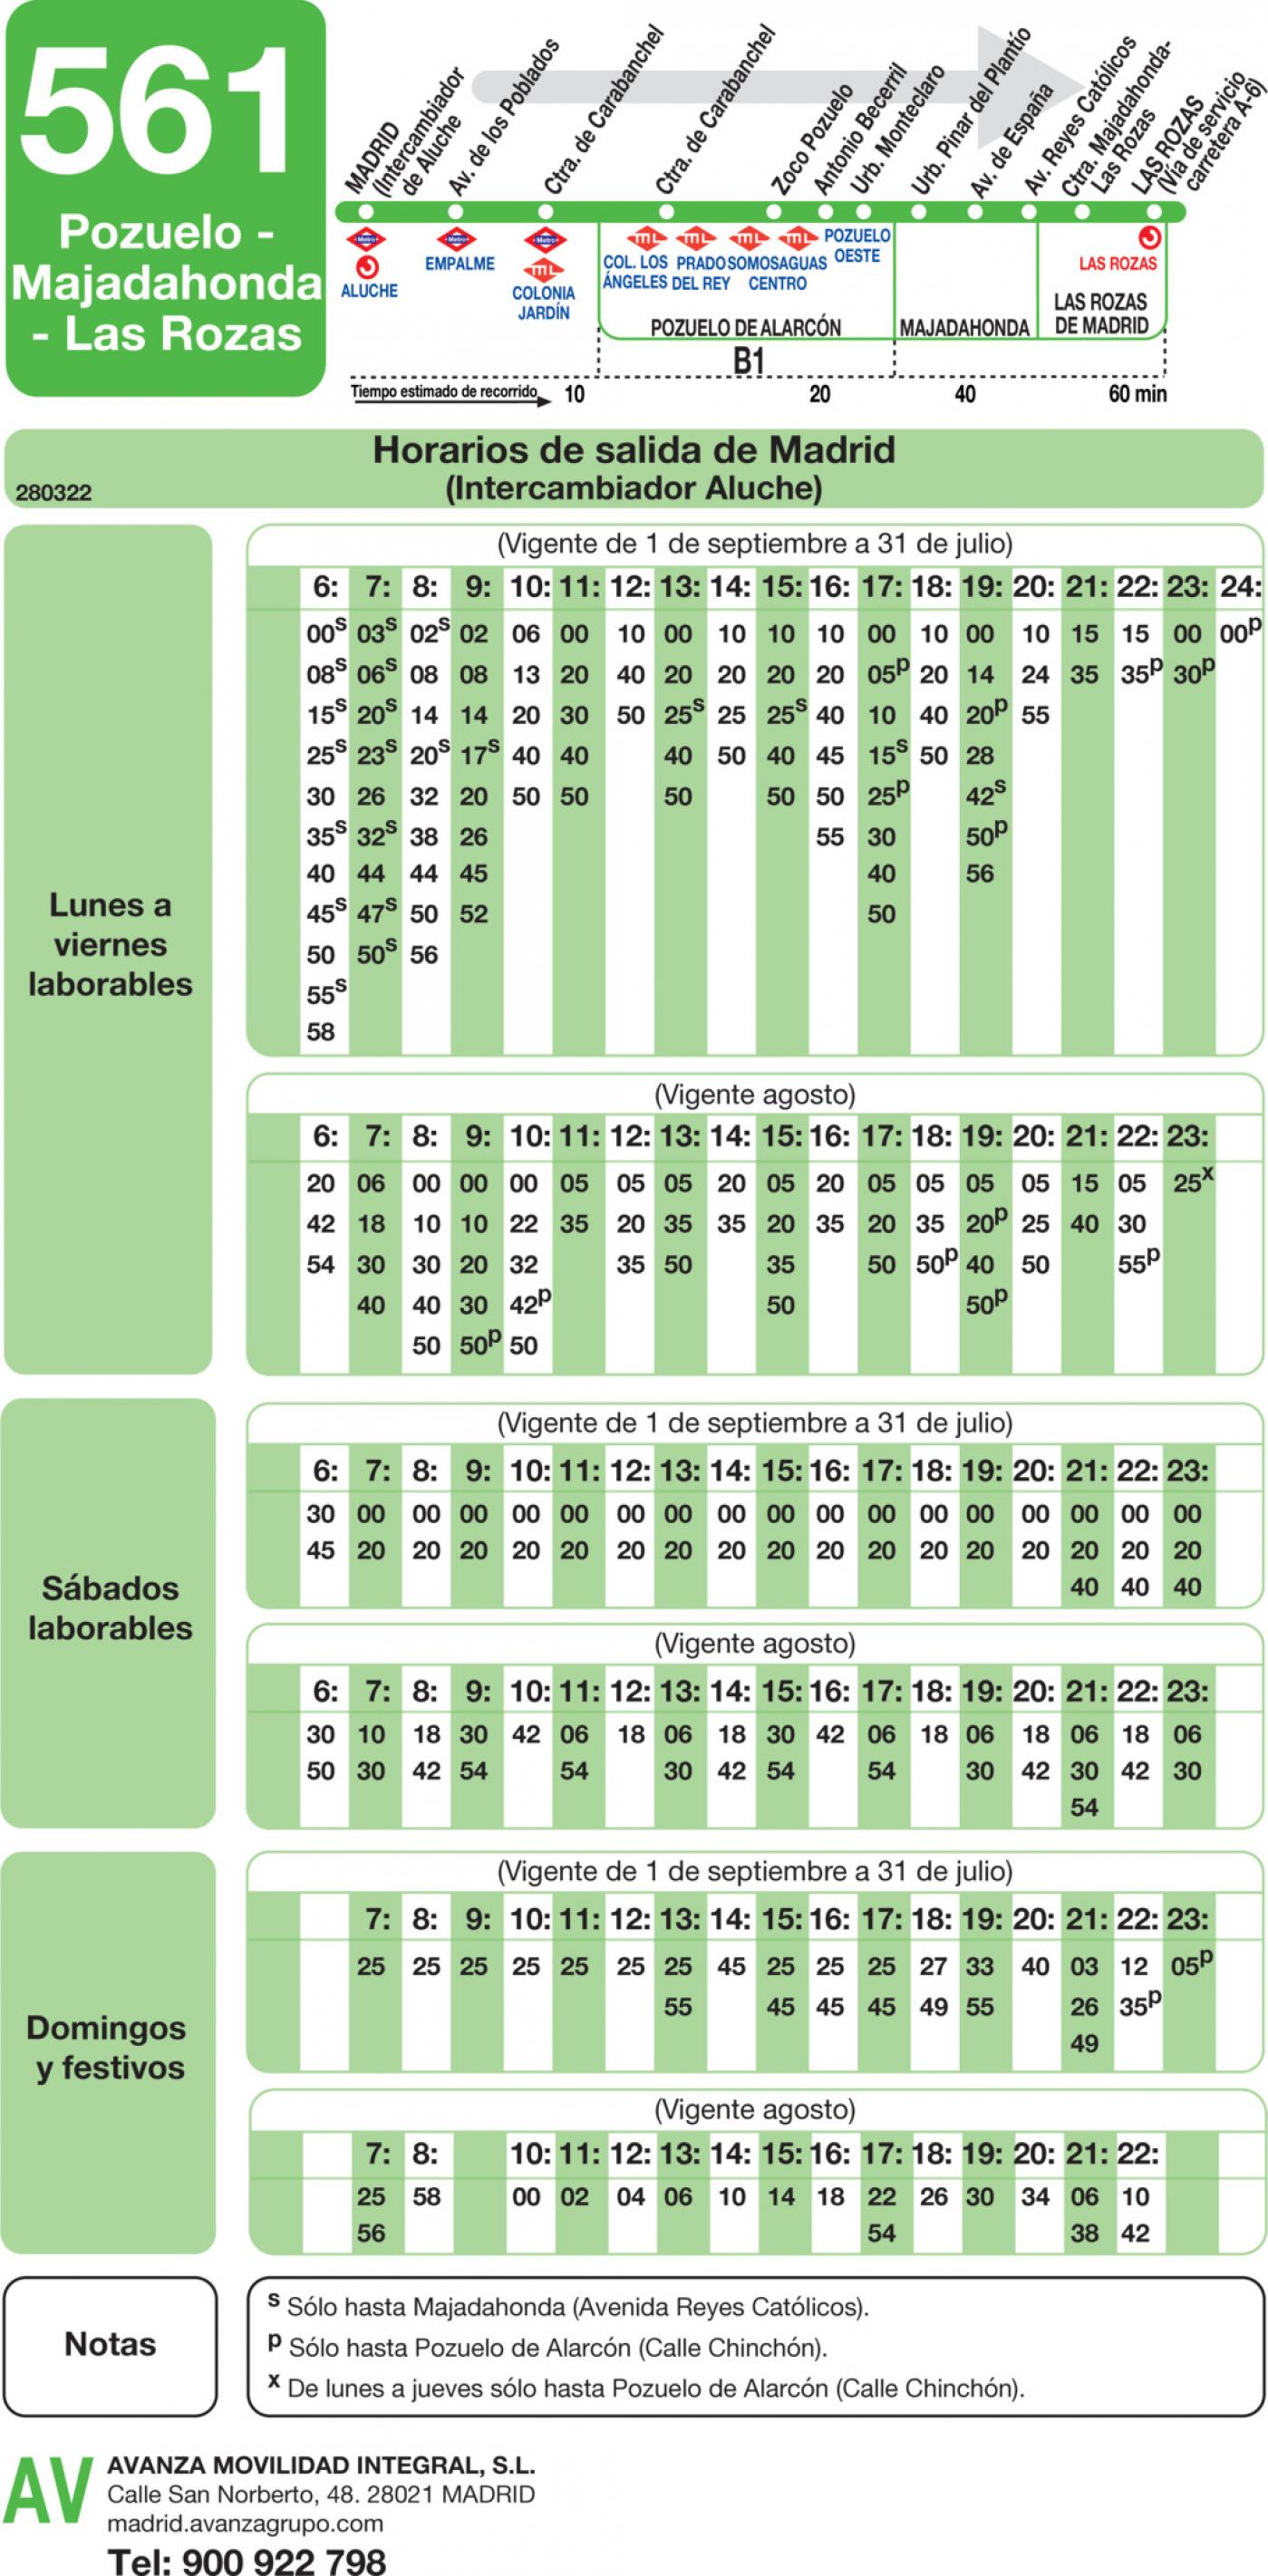 Tabla de horarios y frecuencias de paso en sentido ida Línea 561: Madrid (Aluche) - Pozuelo - Majadahonda - Las Rozas